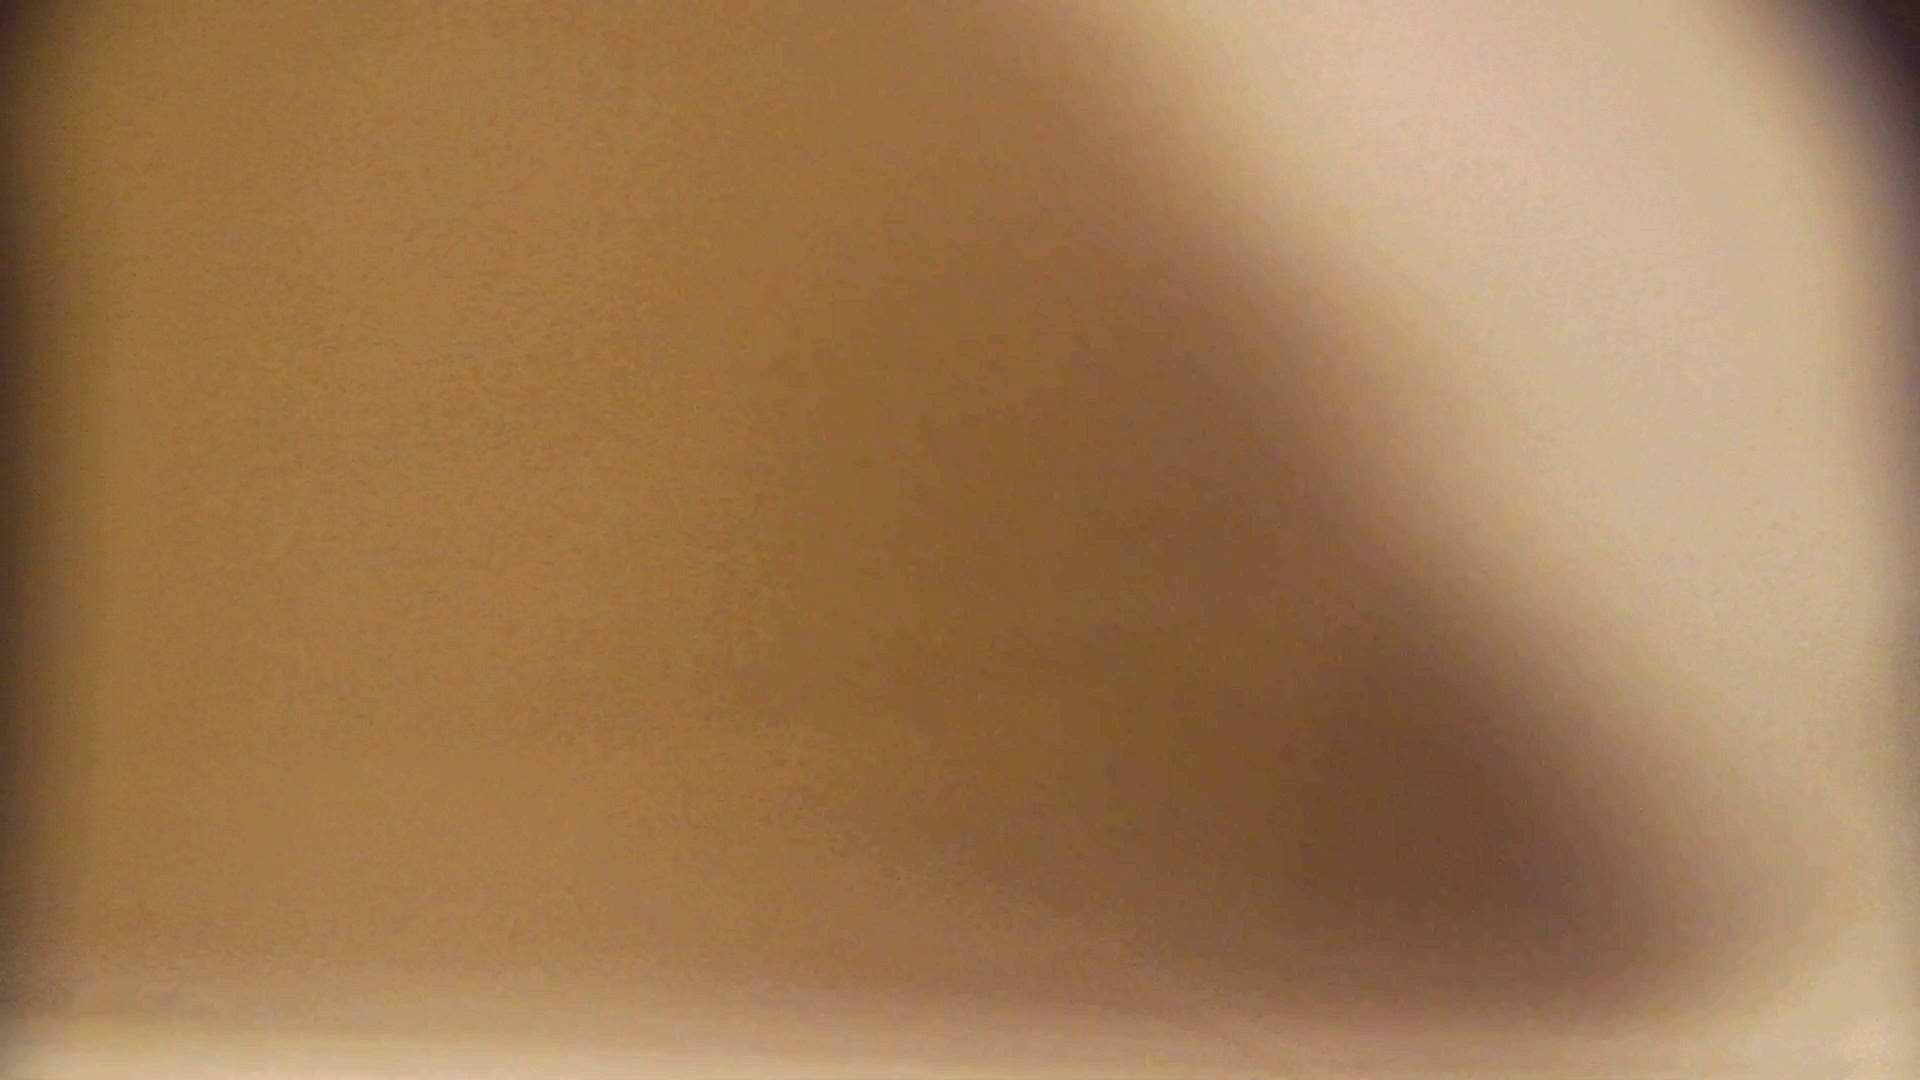 阿国ちゃんの「和式洋式七変化」No.6 洗面所 オメコ動画キャプチャ 70画像 28